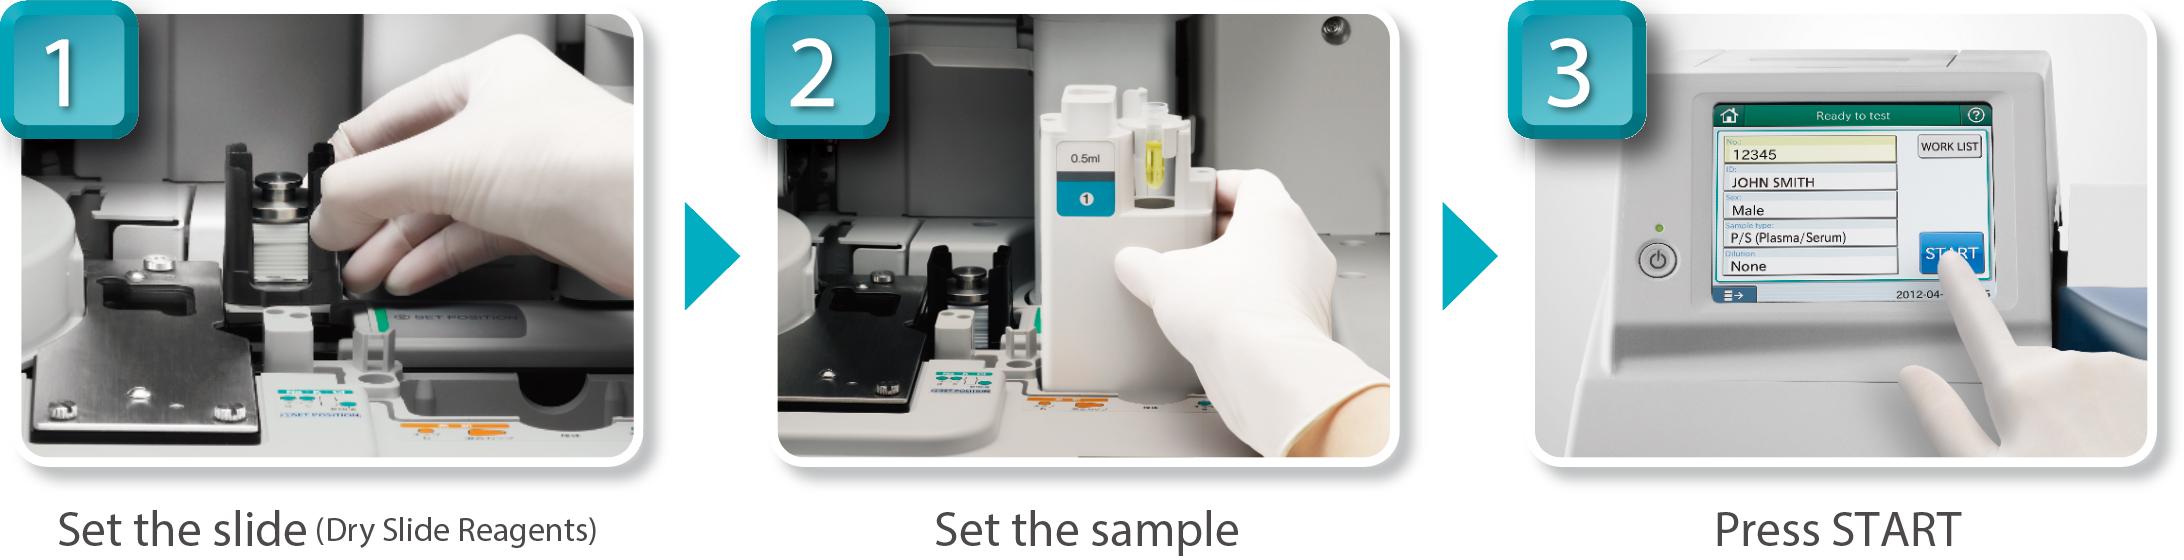 [foto] Mão com luva posicionando a lâmina e a amostra dentro da máquina e pressionando o botão start (iniciar)